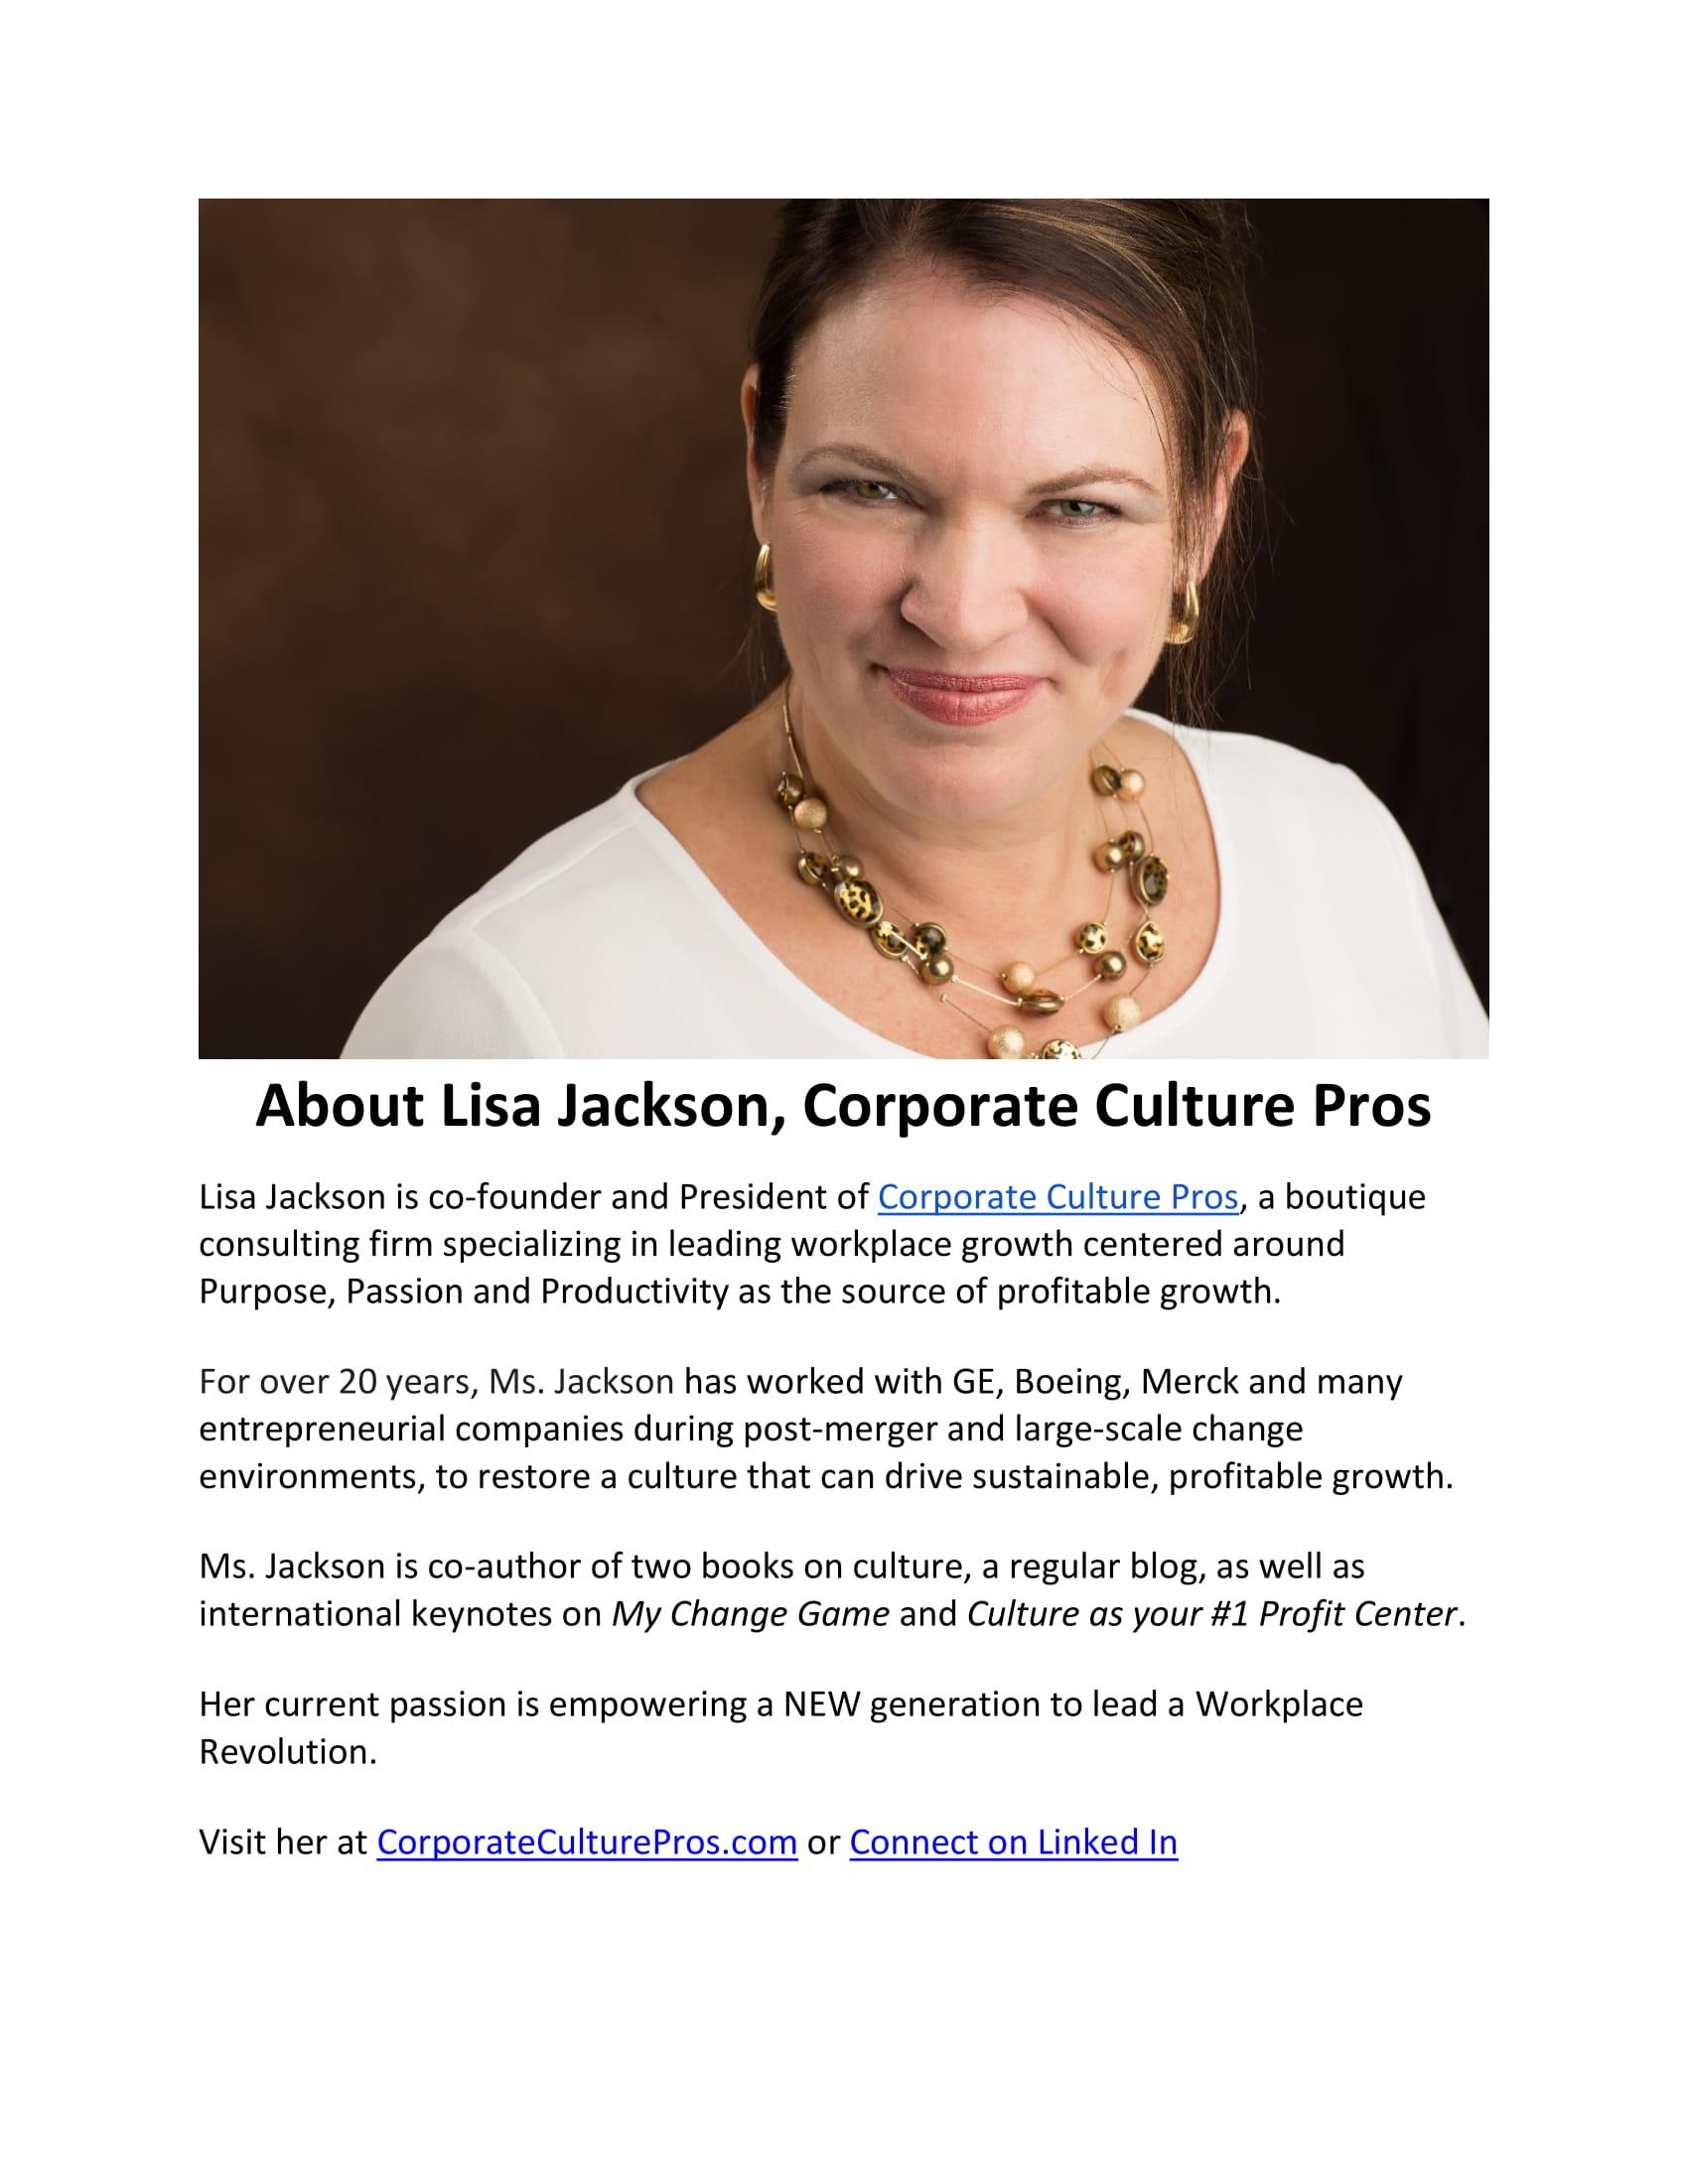 Lisa Jackson Speaker Bio-1.jpg